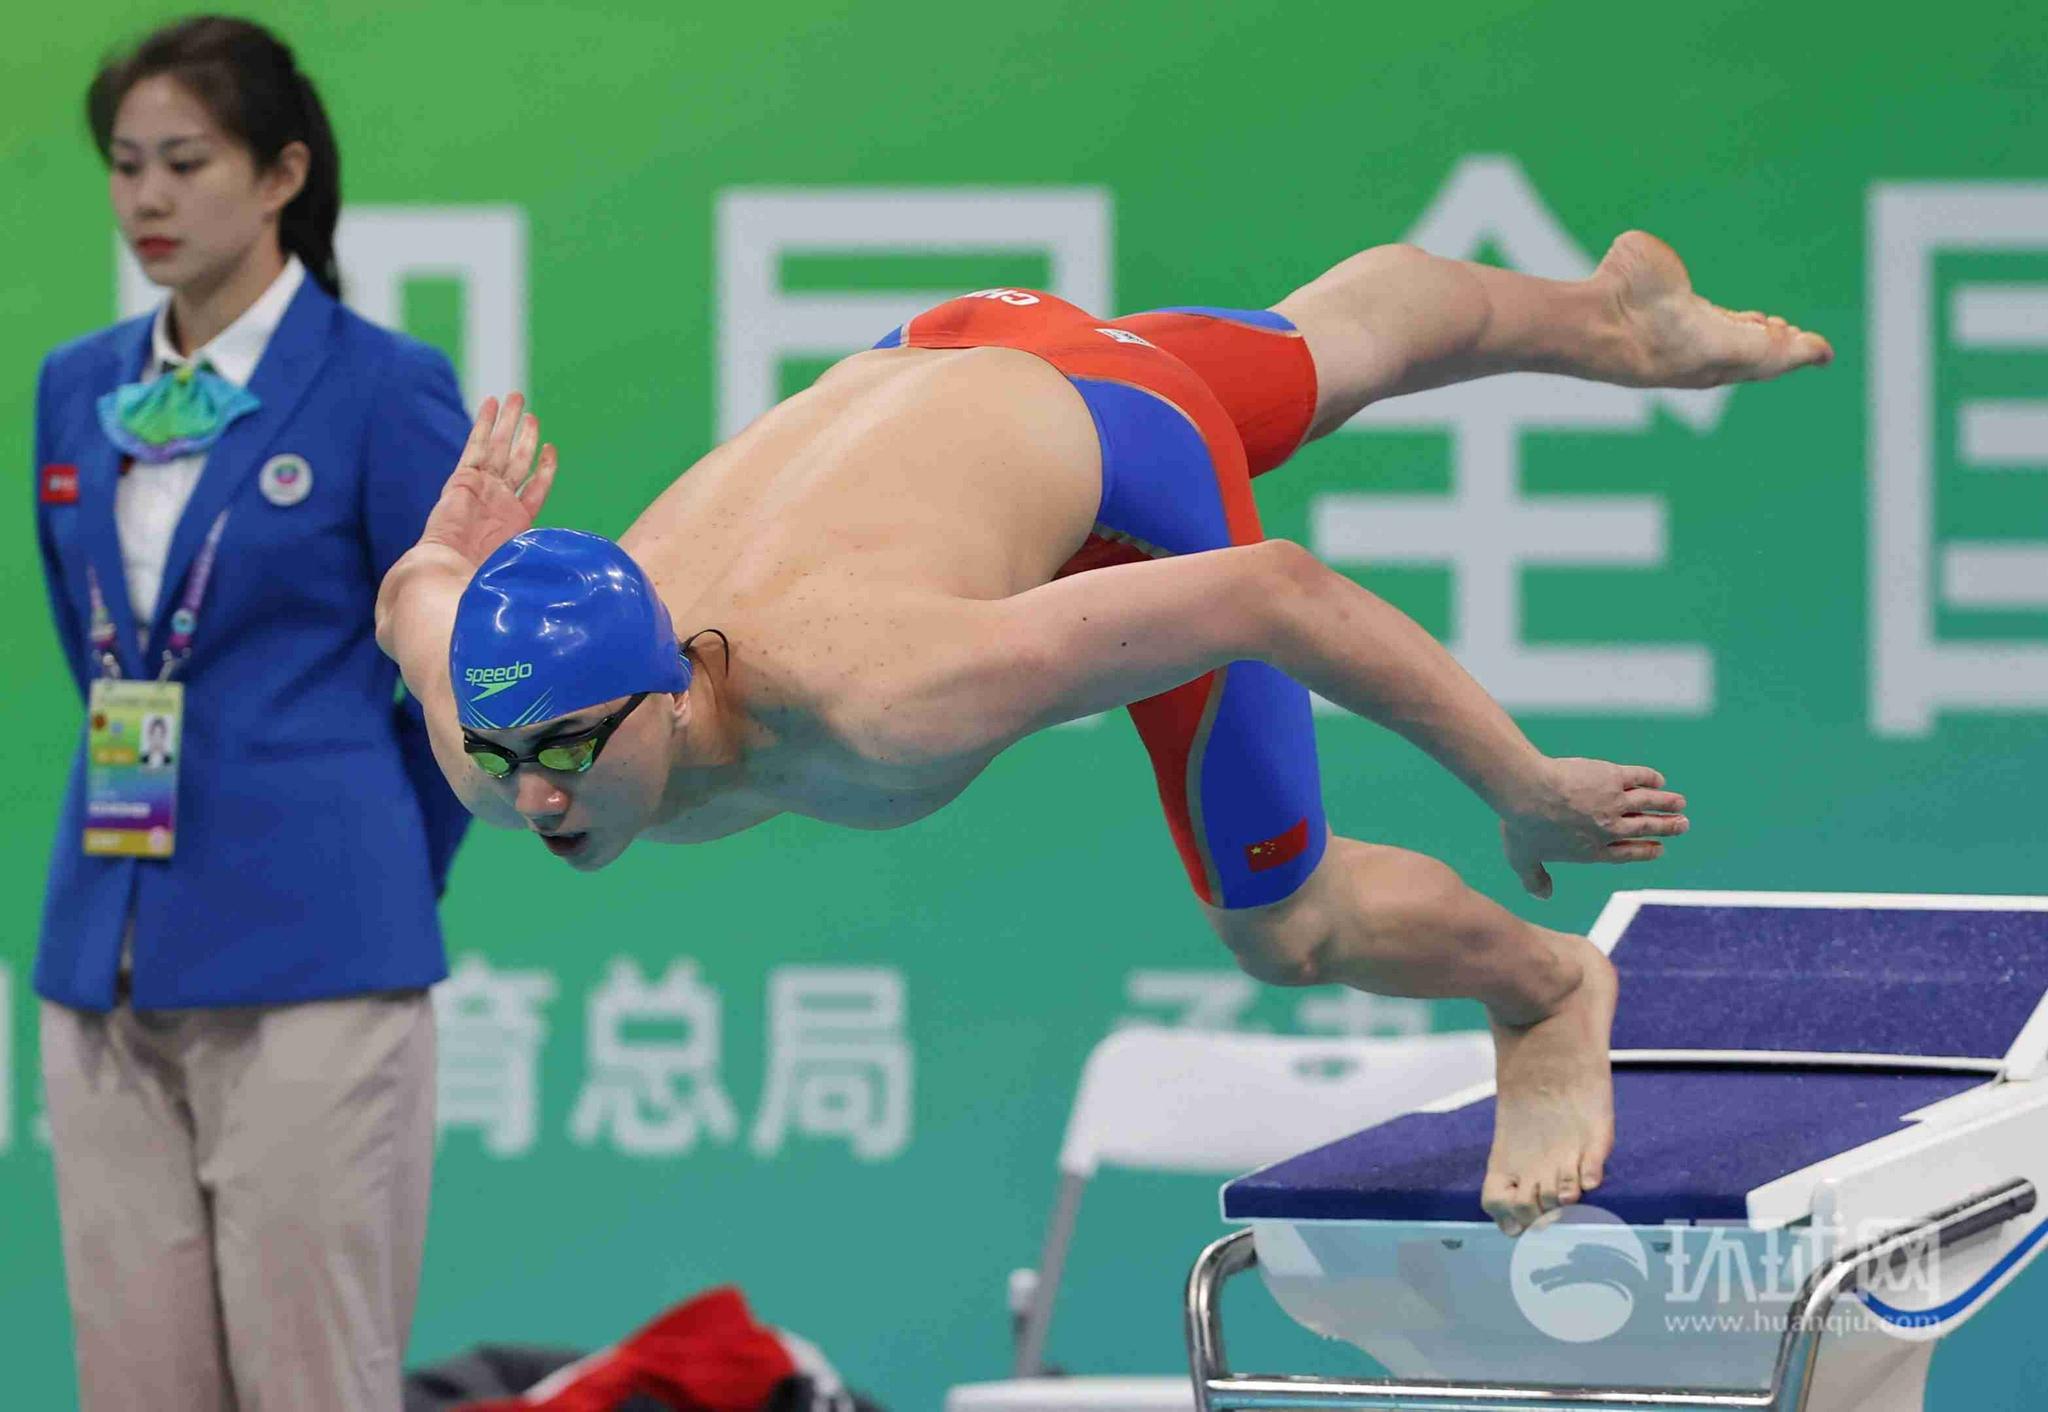 【图集】全运会男子200米蝶泳决赛,广东选手陈俊儿获得冠军